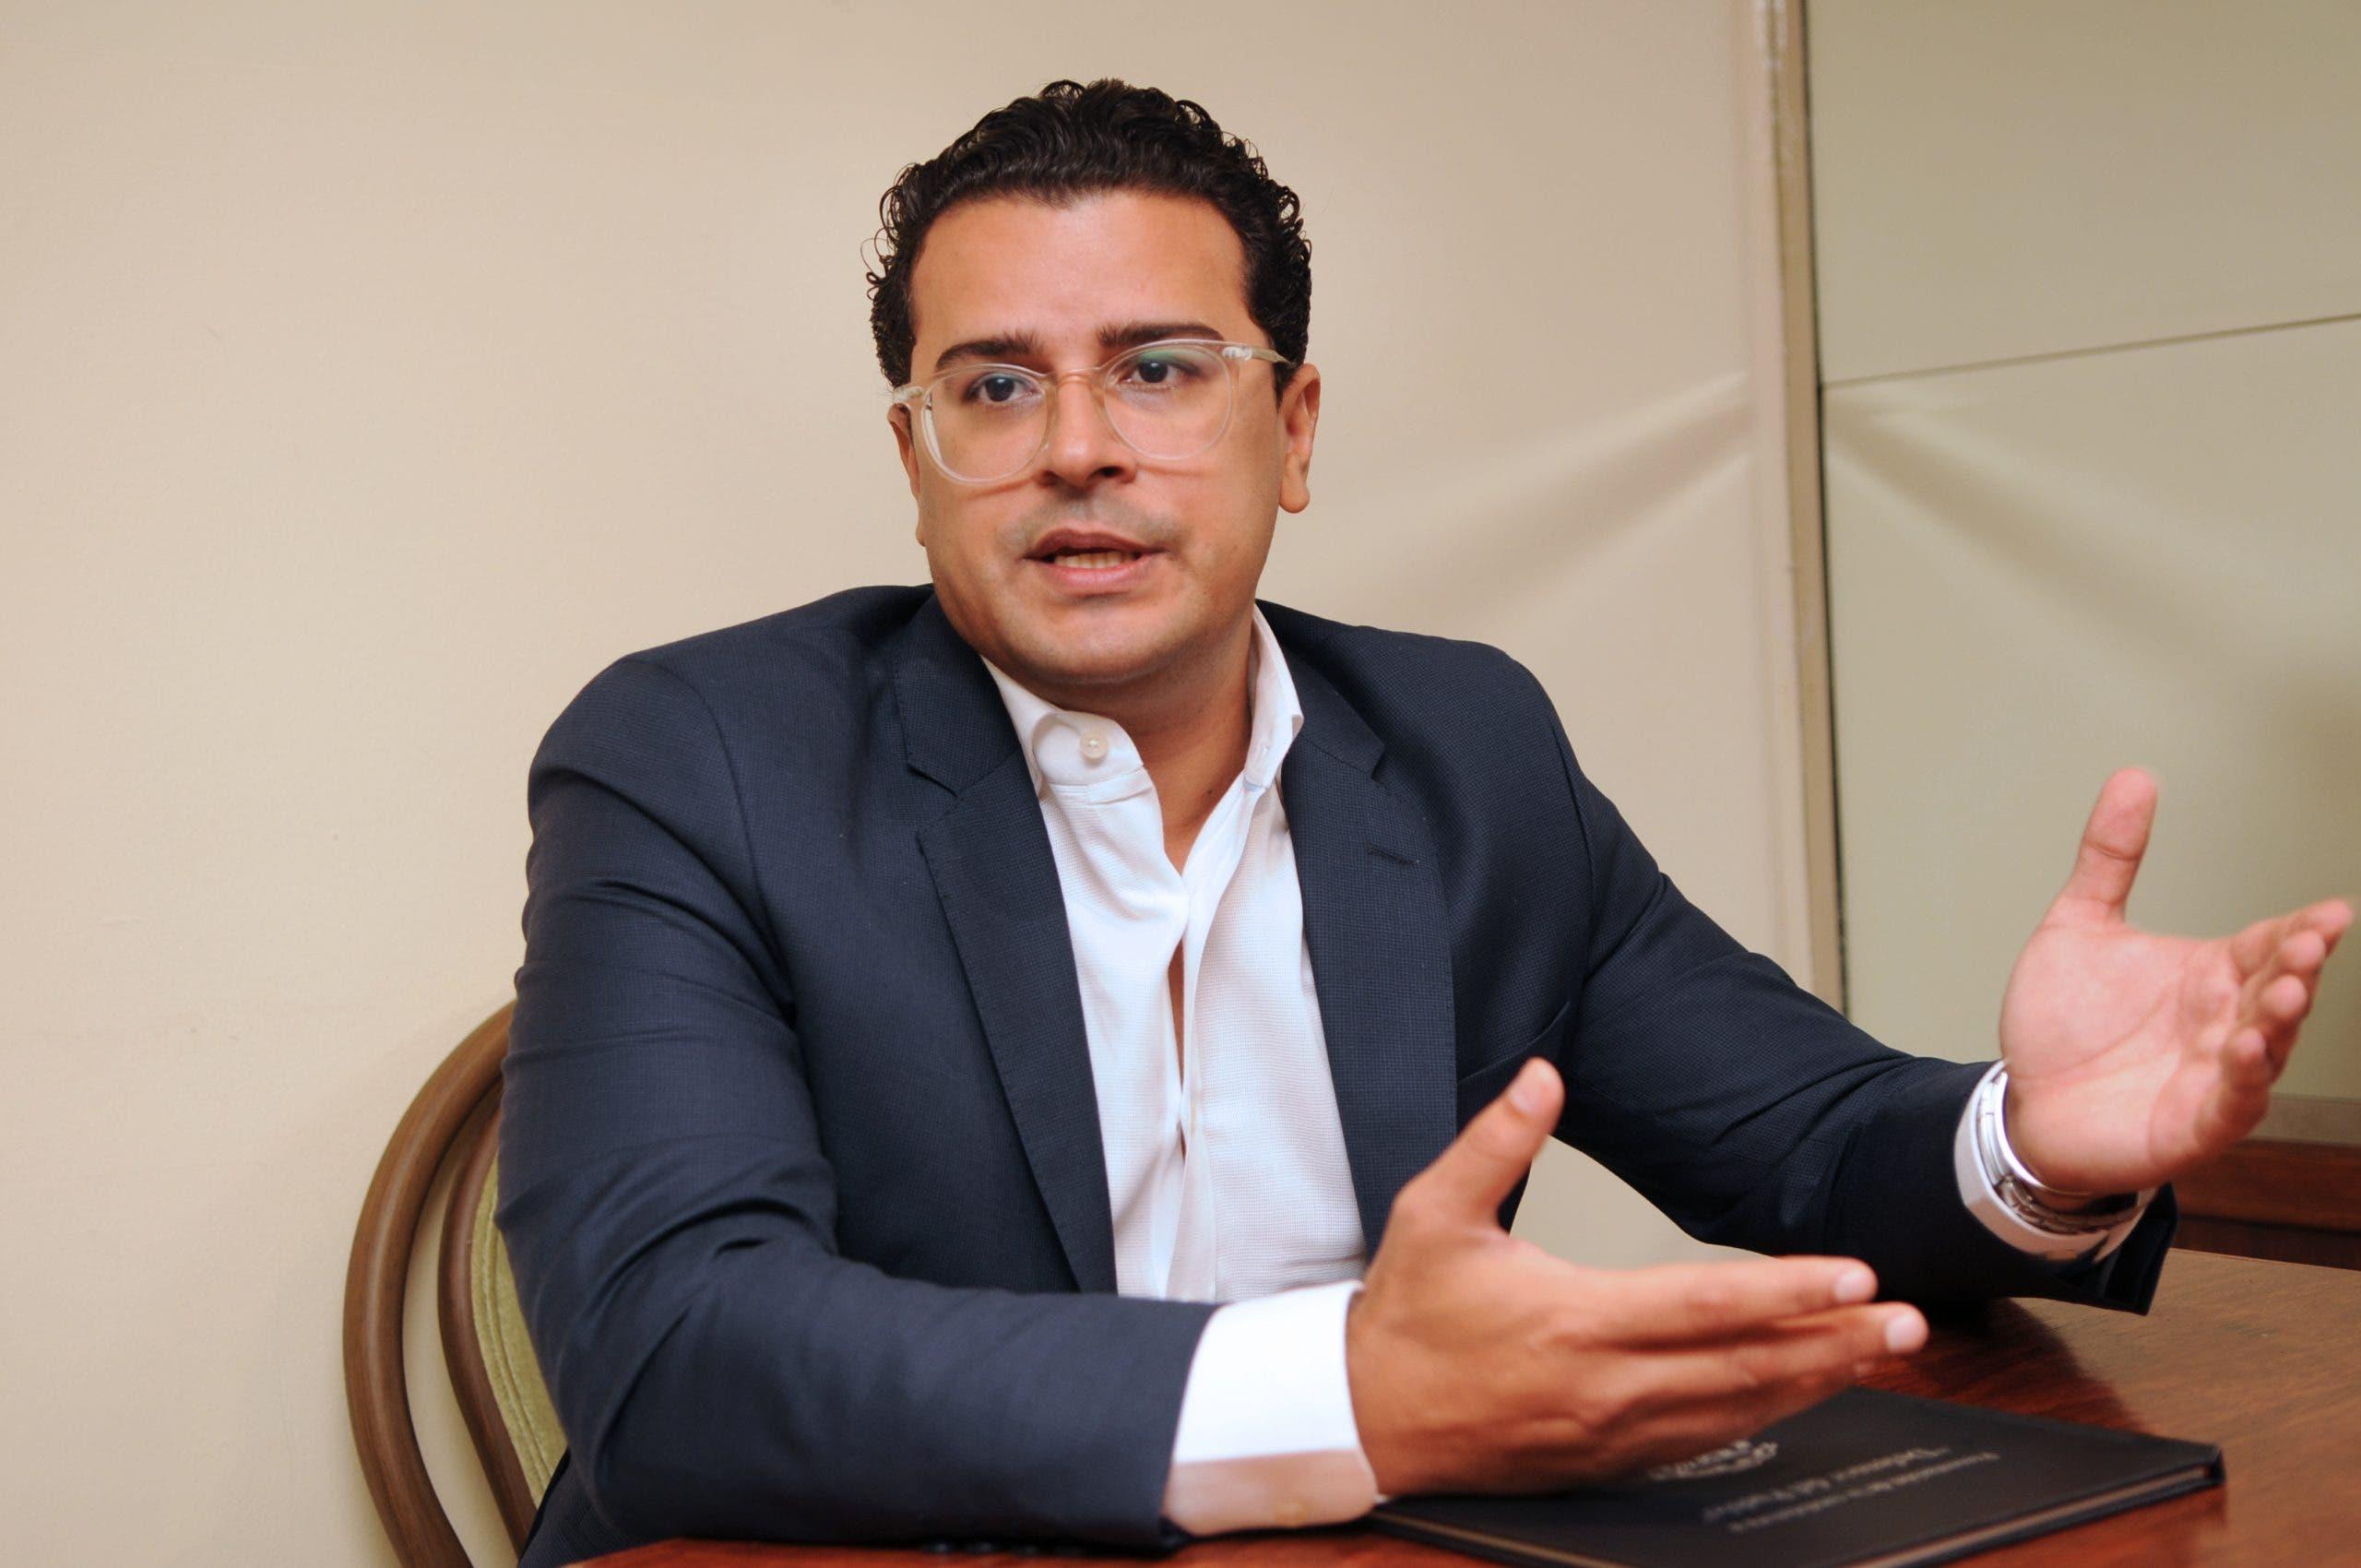 Abogado José Martínez Hoepelman muestra preocupación por desaparecidos y ejecuciones extrajudiciales